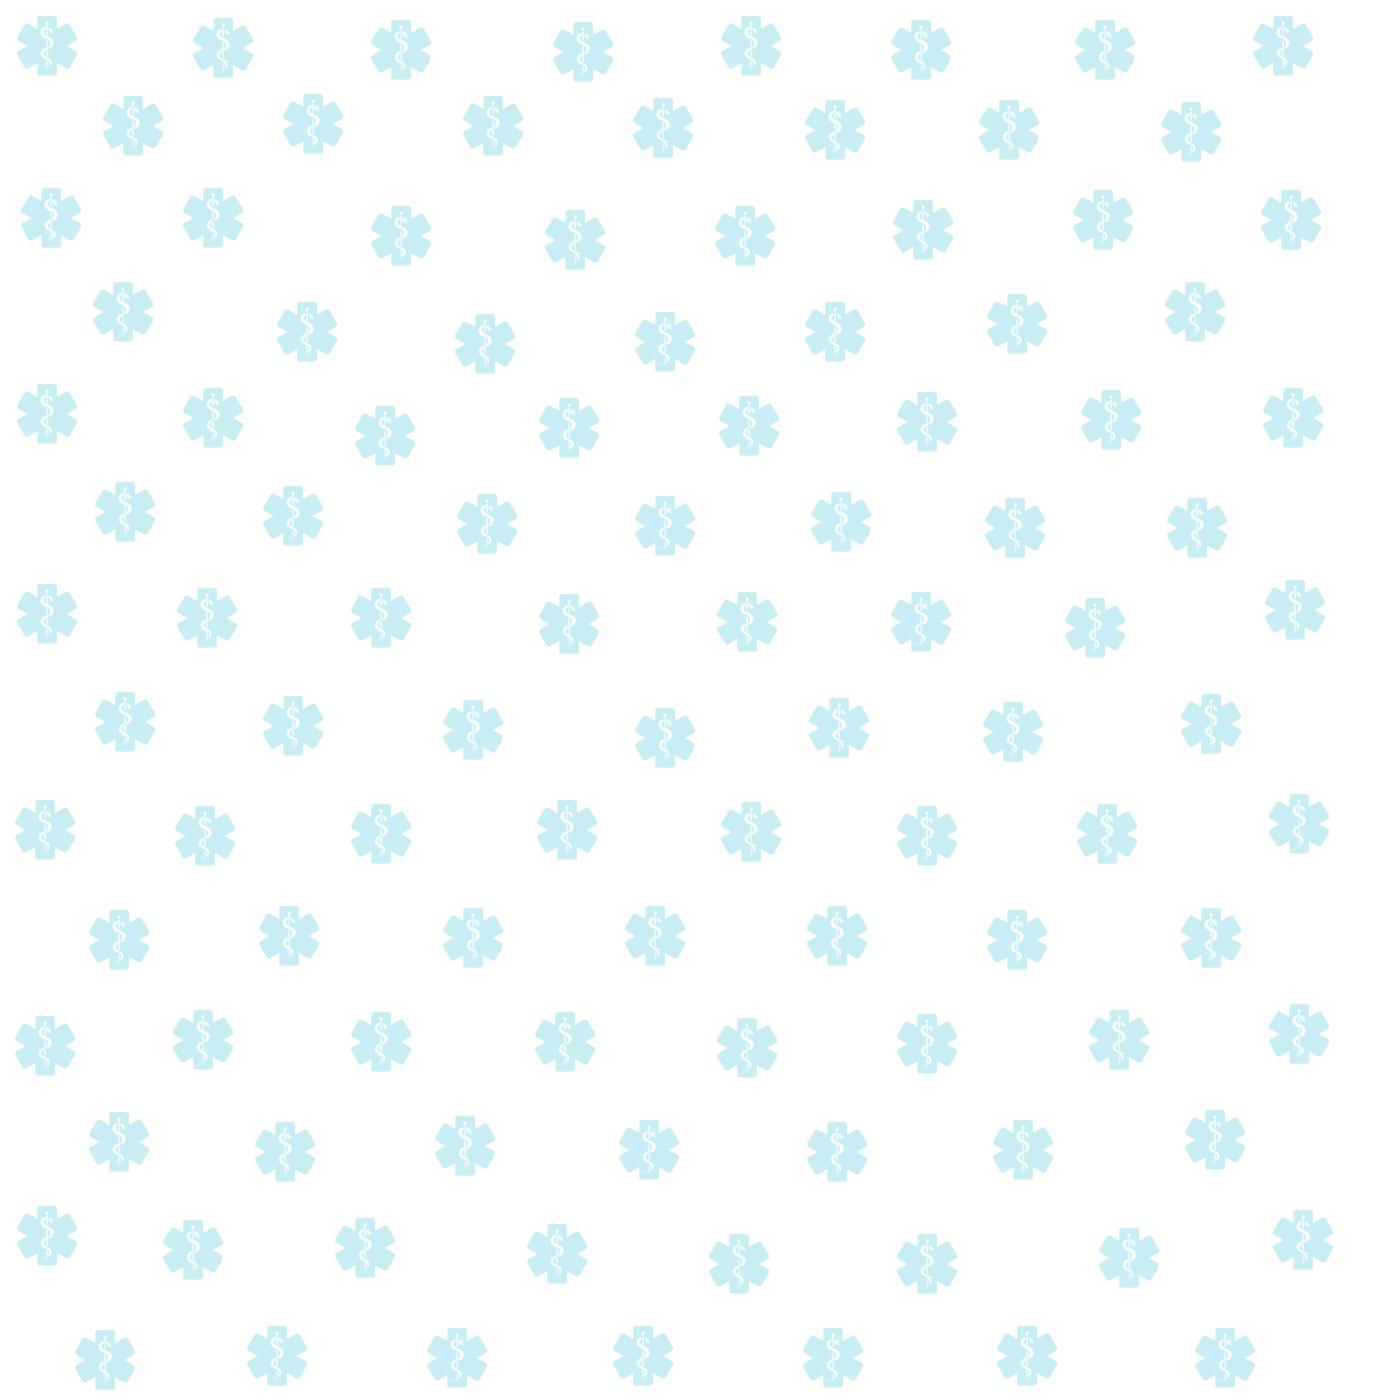 Wartezimmeronline.com Background